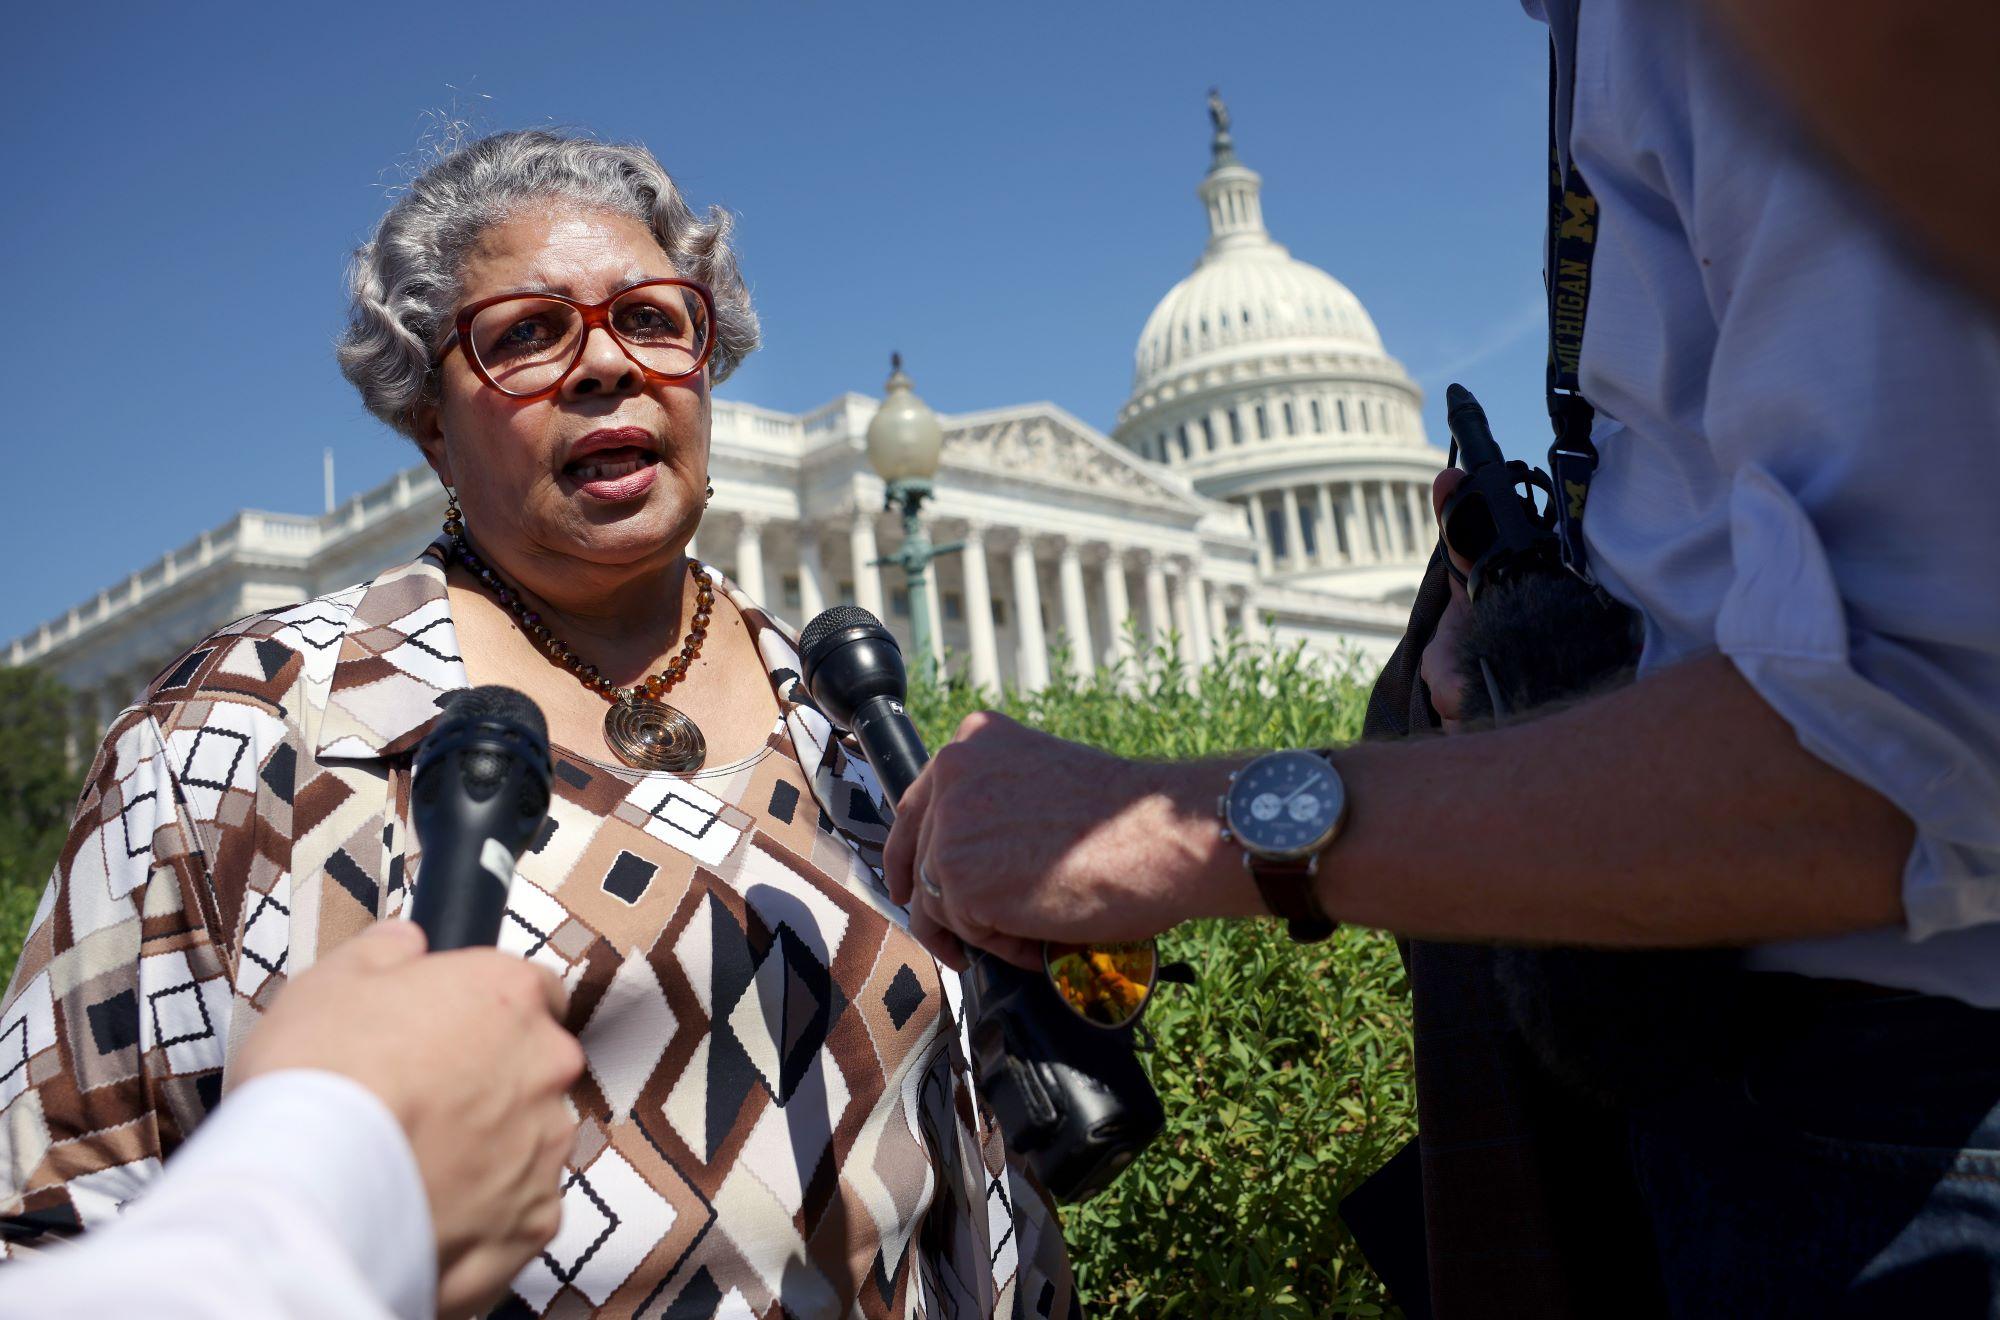 Texas state House Democrat Rep. Senfronia Thompson